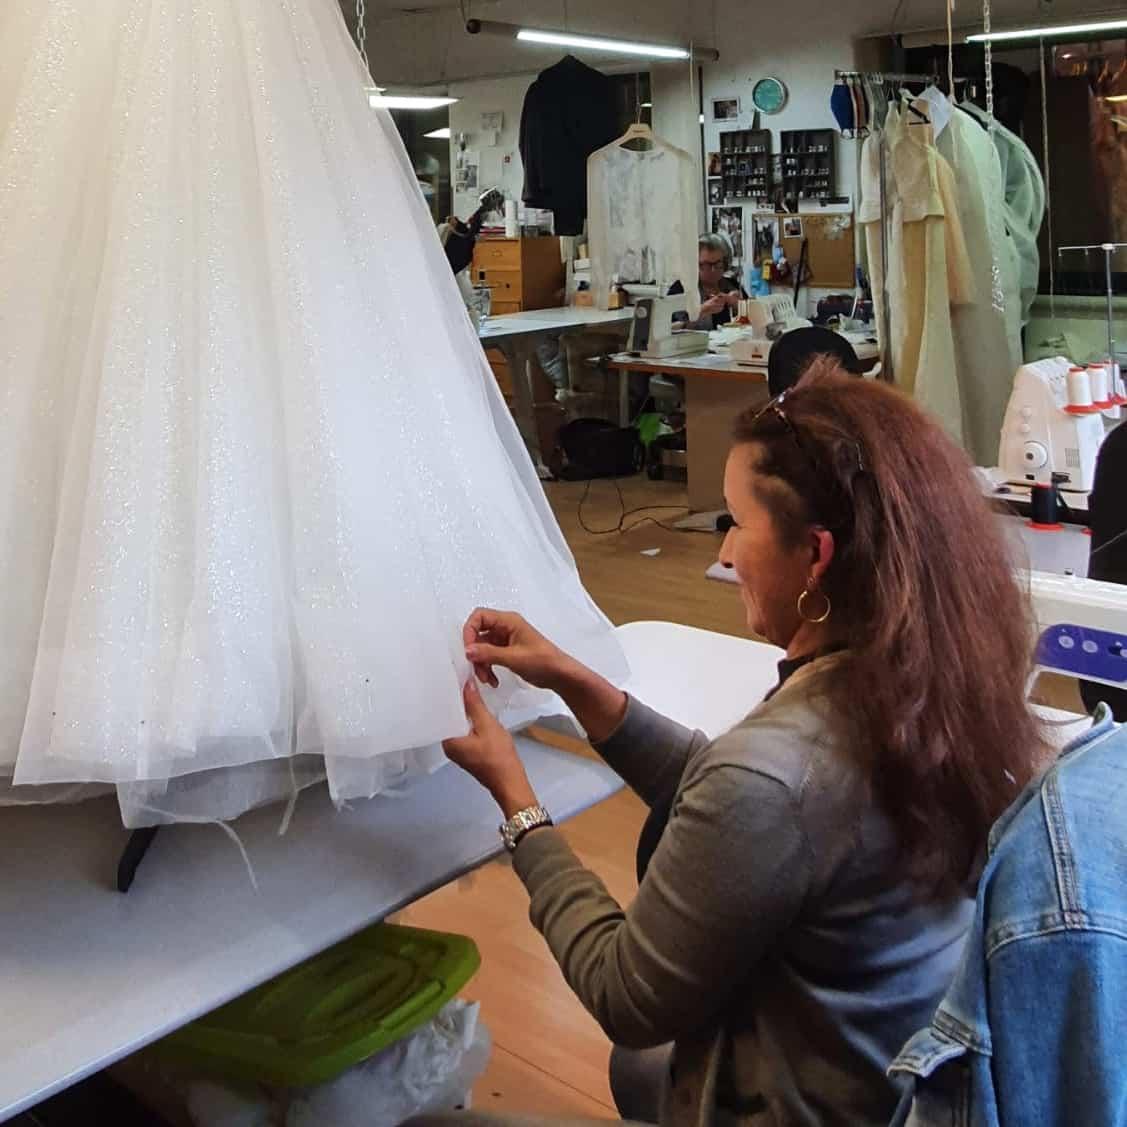 Retouche Atelier Trouwjurken Op Maat ontwerpen en maken